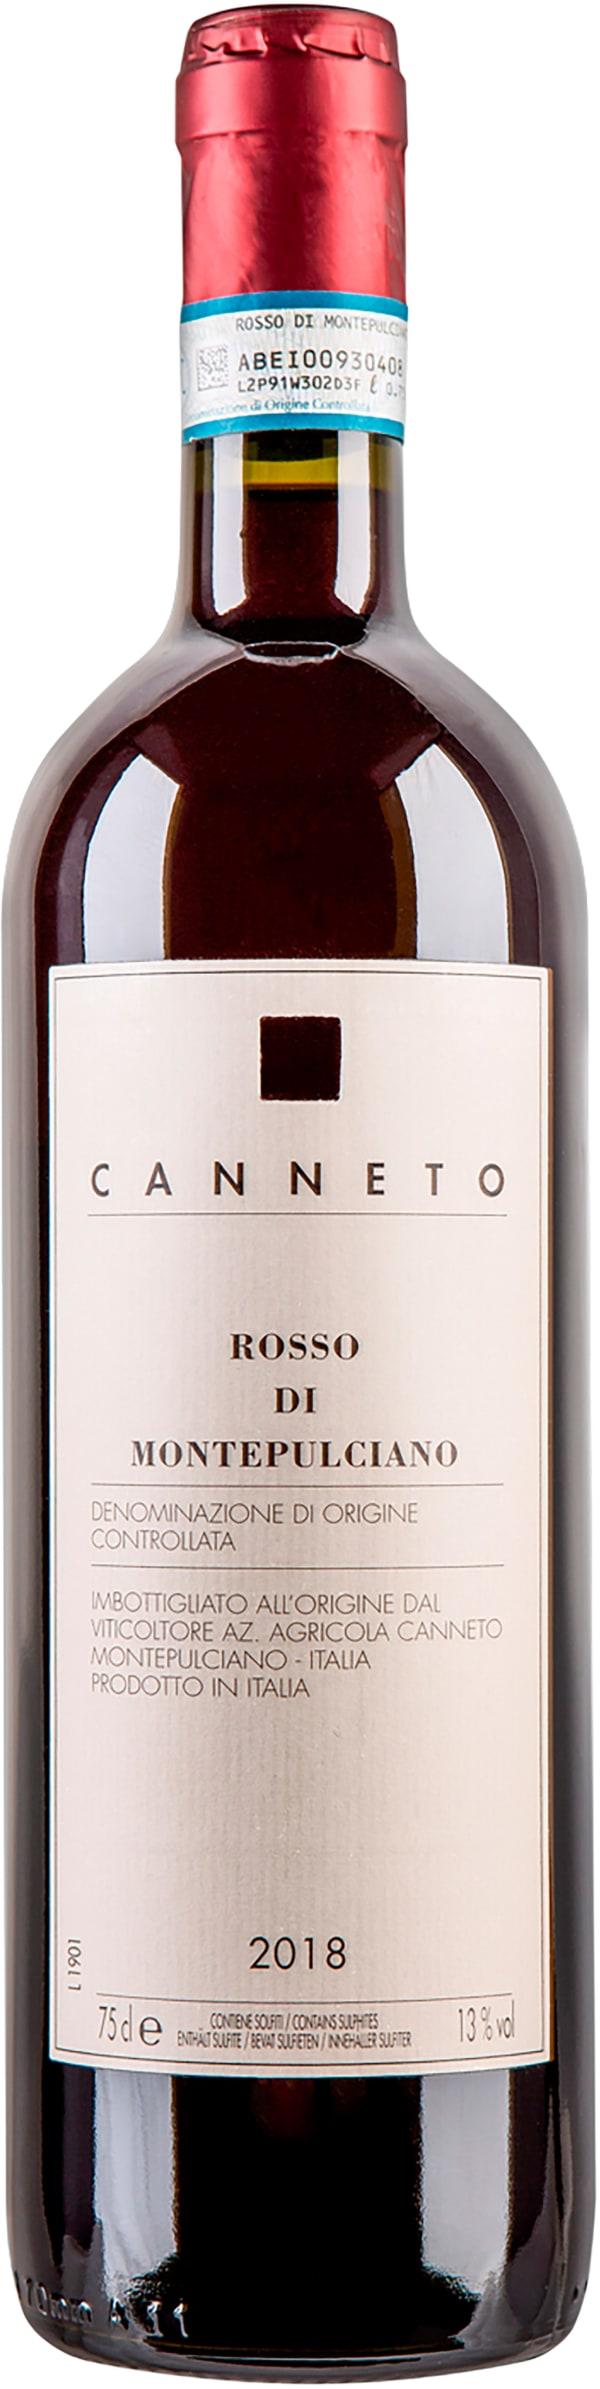 Canneto Rosso di Montepulciano 2019